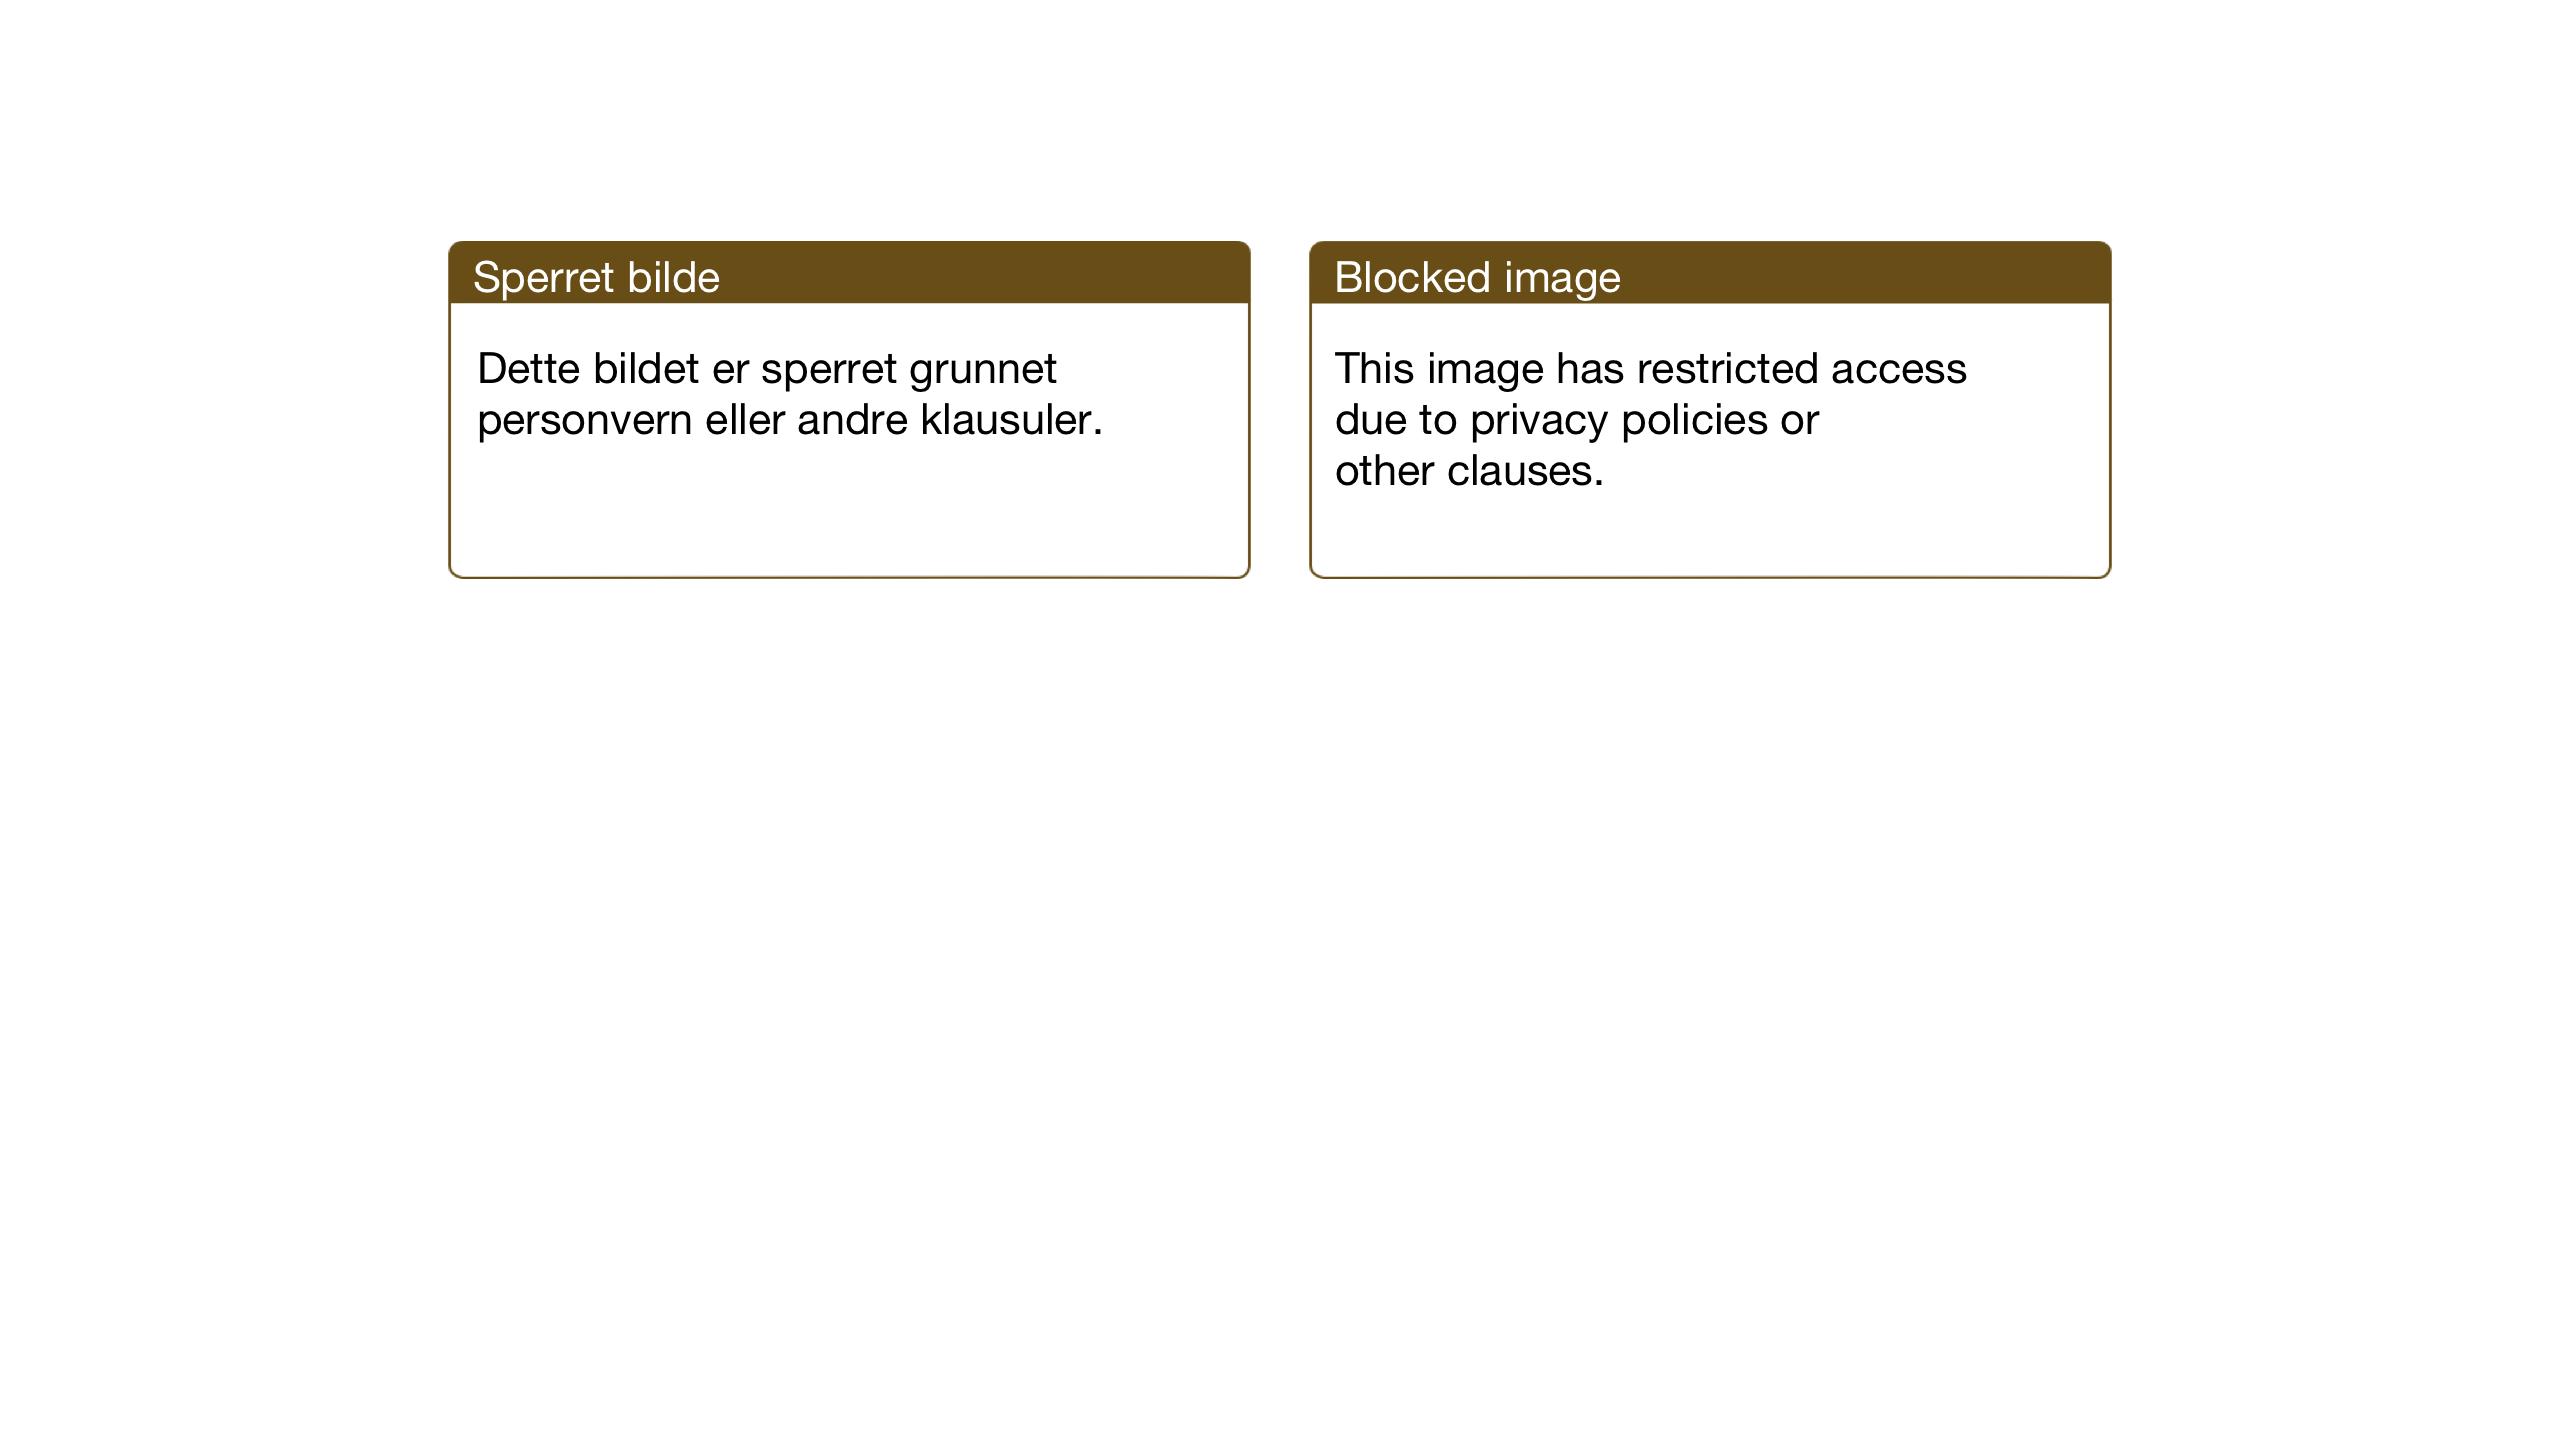 SAT, Ministerialprotokoller, klokkerbøker og fødselsregistre - Nord-Trøndelag, 755/L0500: Klokkerbok nr. 755C01, 1920-1962, s. 65